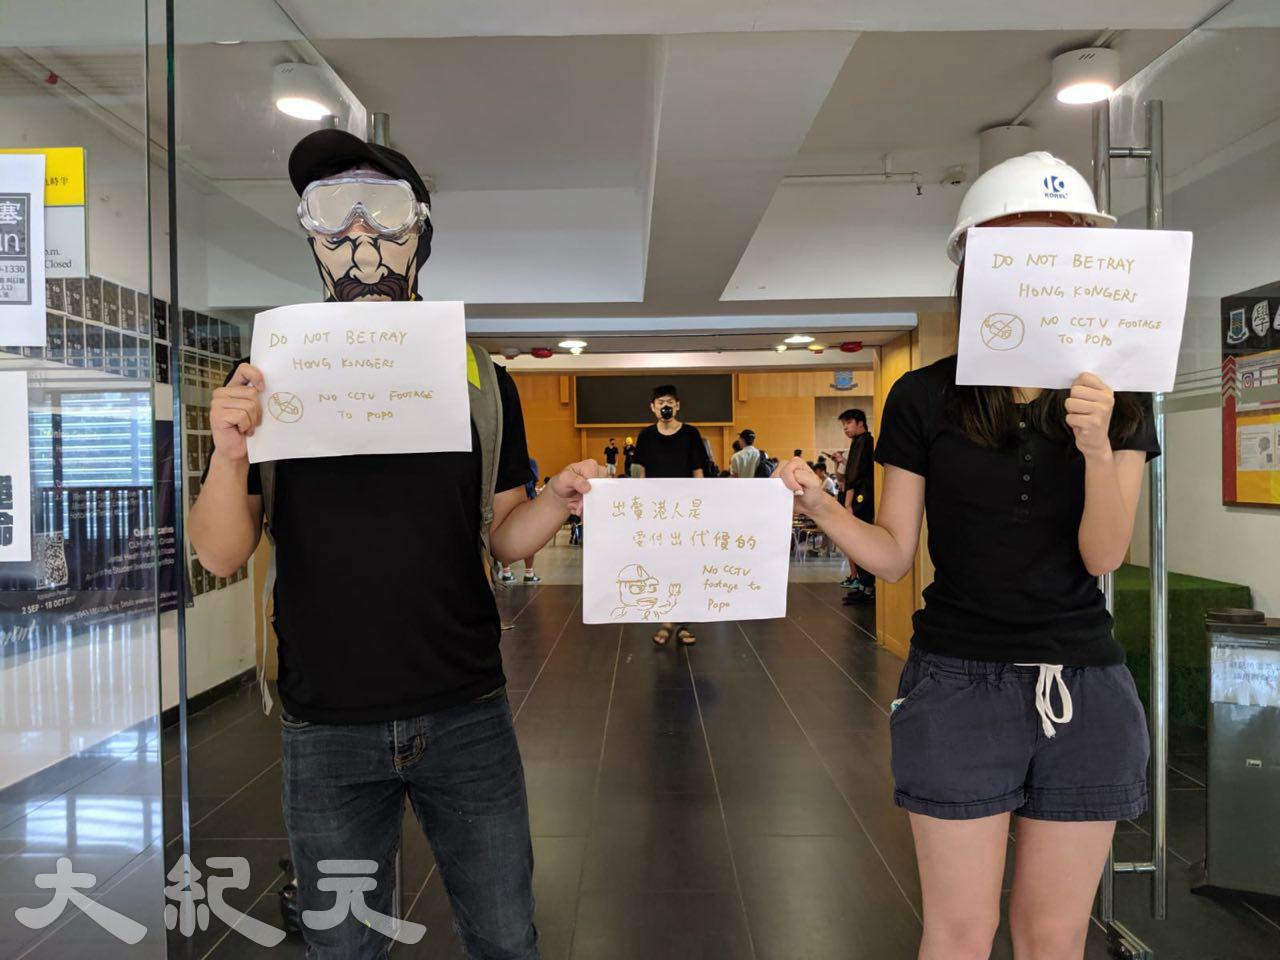 2019年9月23日,香港中大善衡書院,學生在美心經營的食堂出口手拿標語。(黃曉翔/大紀元)